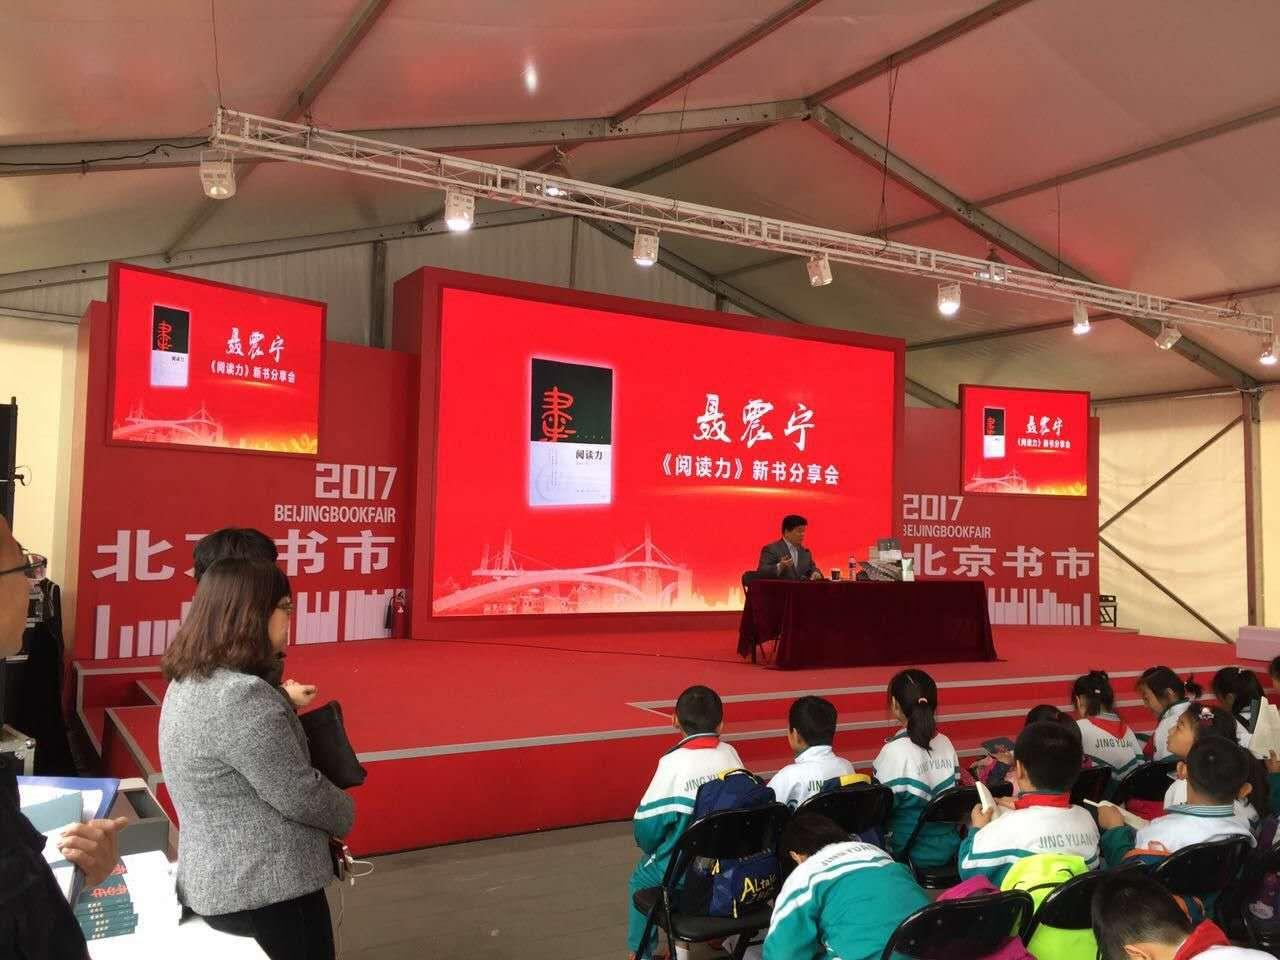 北京书市聂震宁新书分享会轻翼系列LED全彩显示屏项目